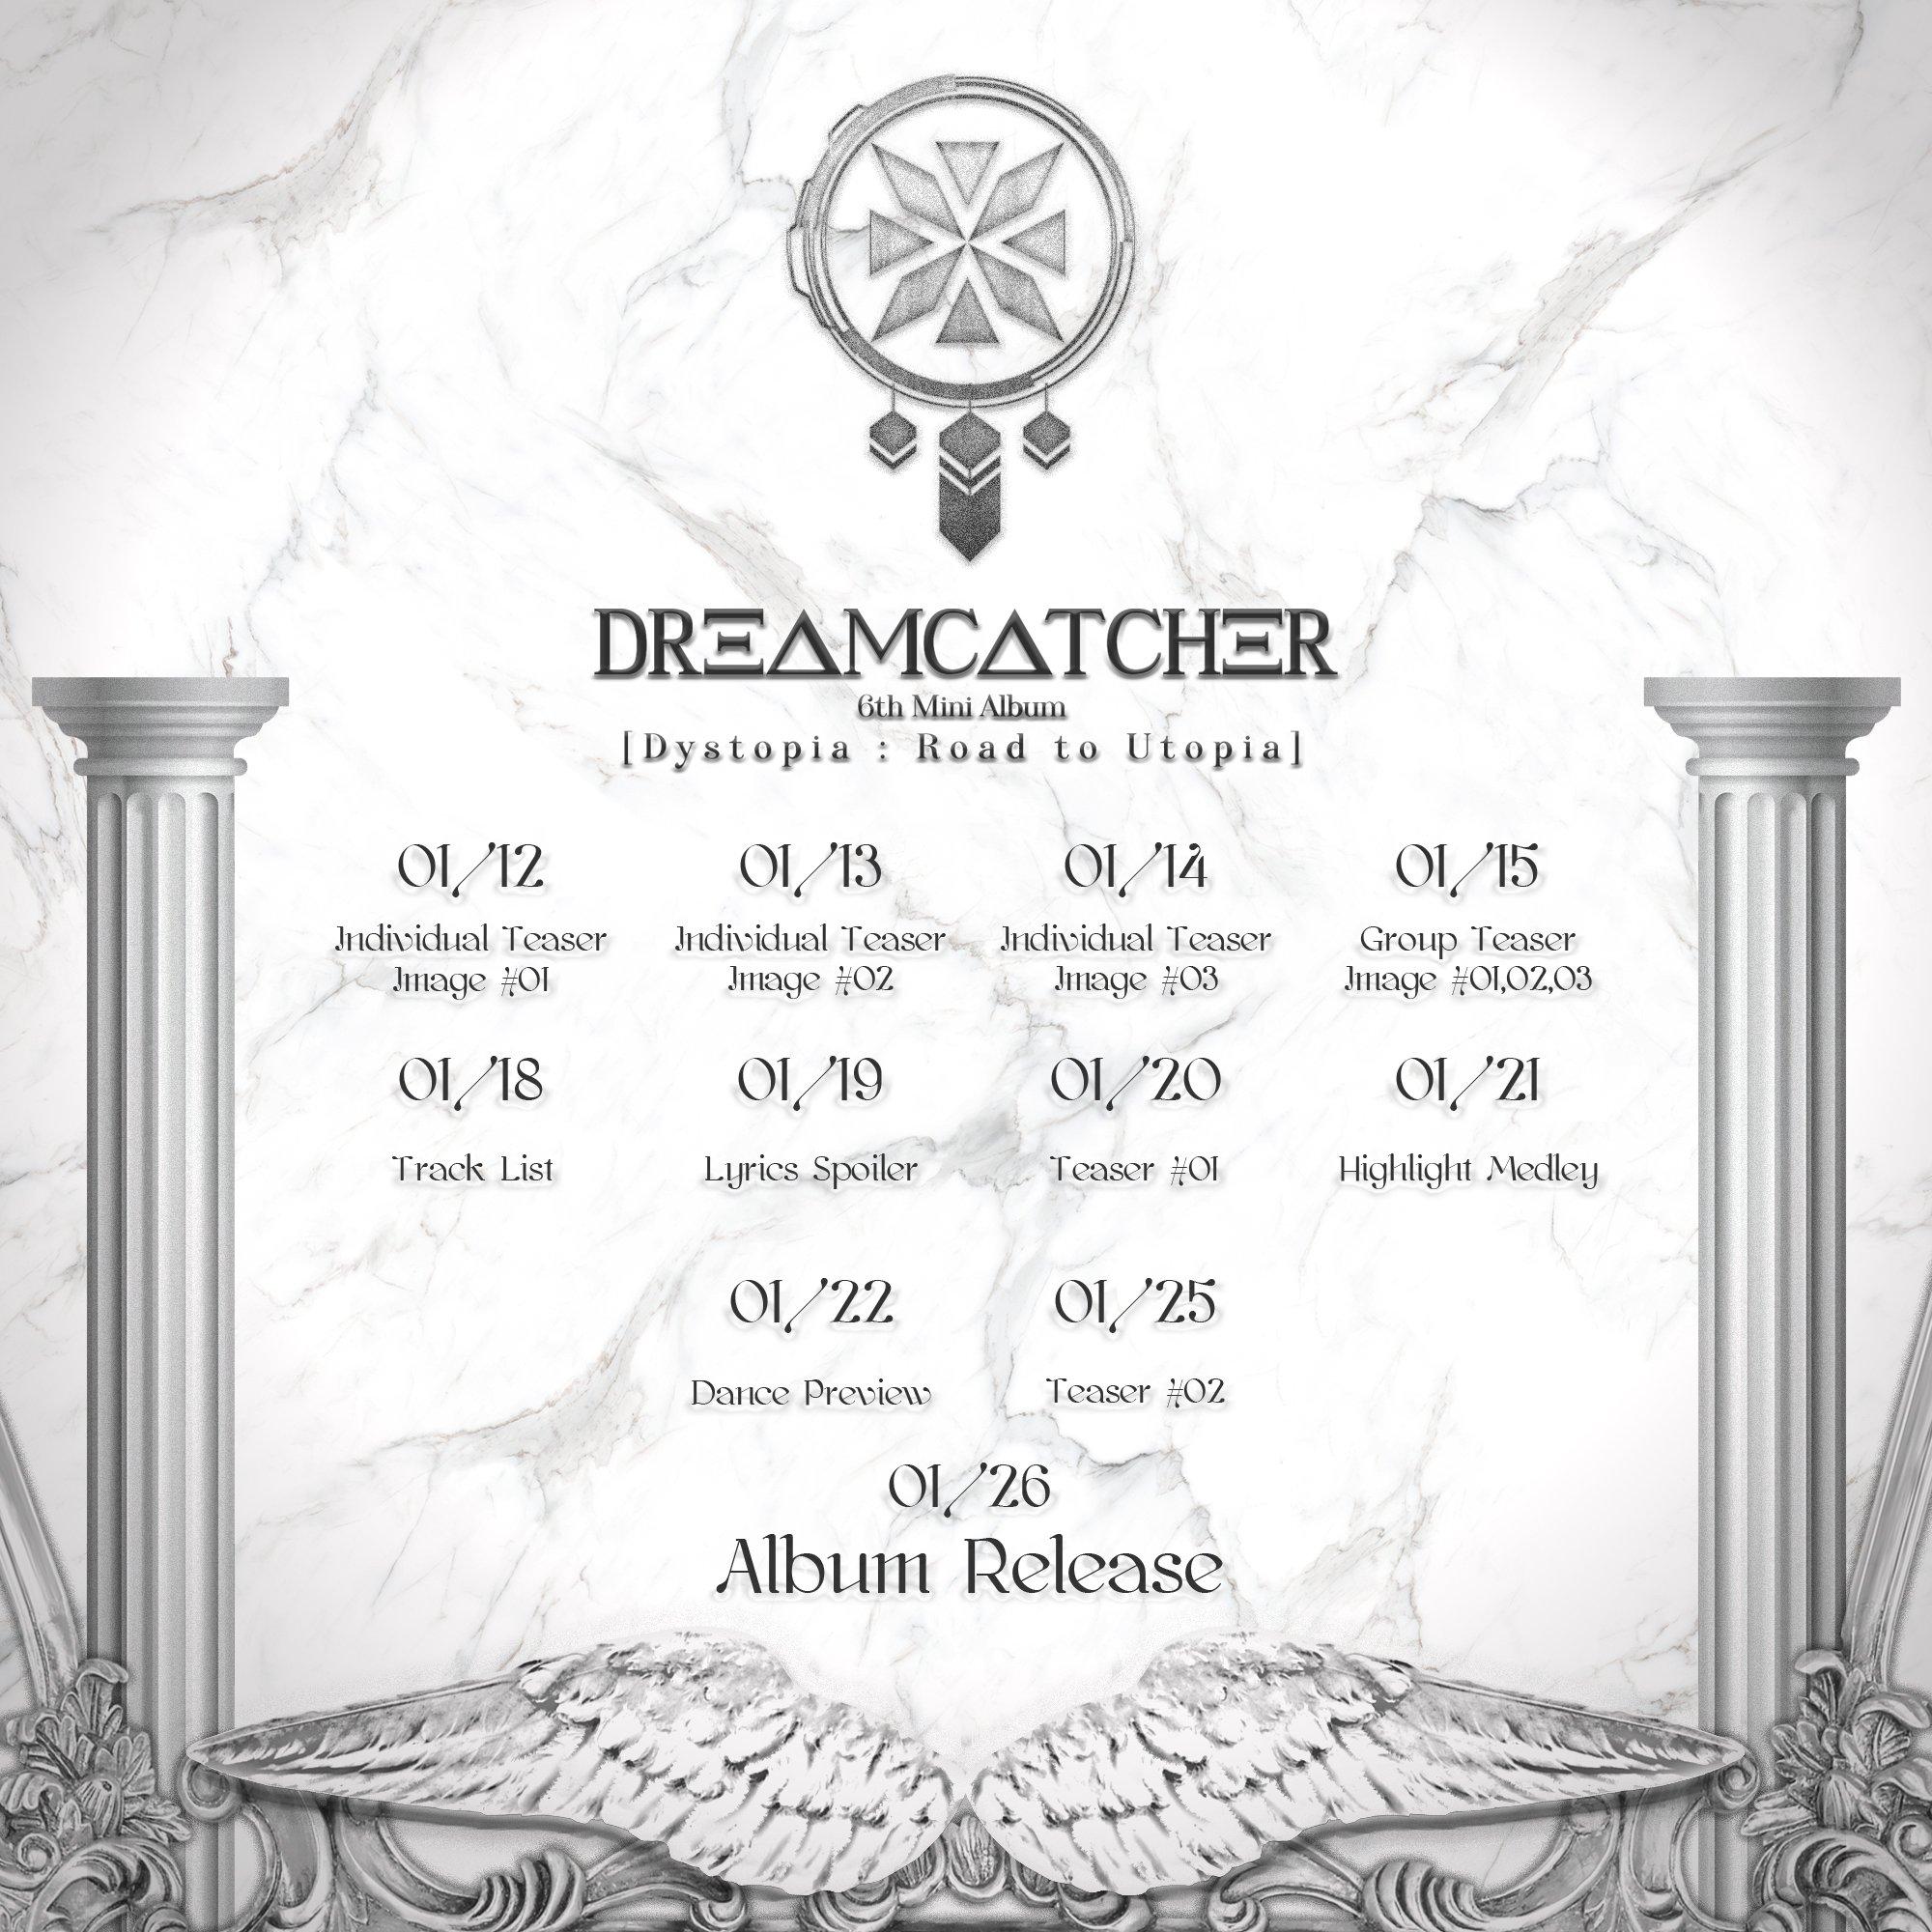 dreamcatcher-to-make-comeback-on-january-26-with-6th-mini-album-dystopia-road-to-utopia